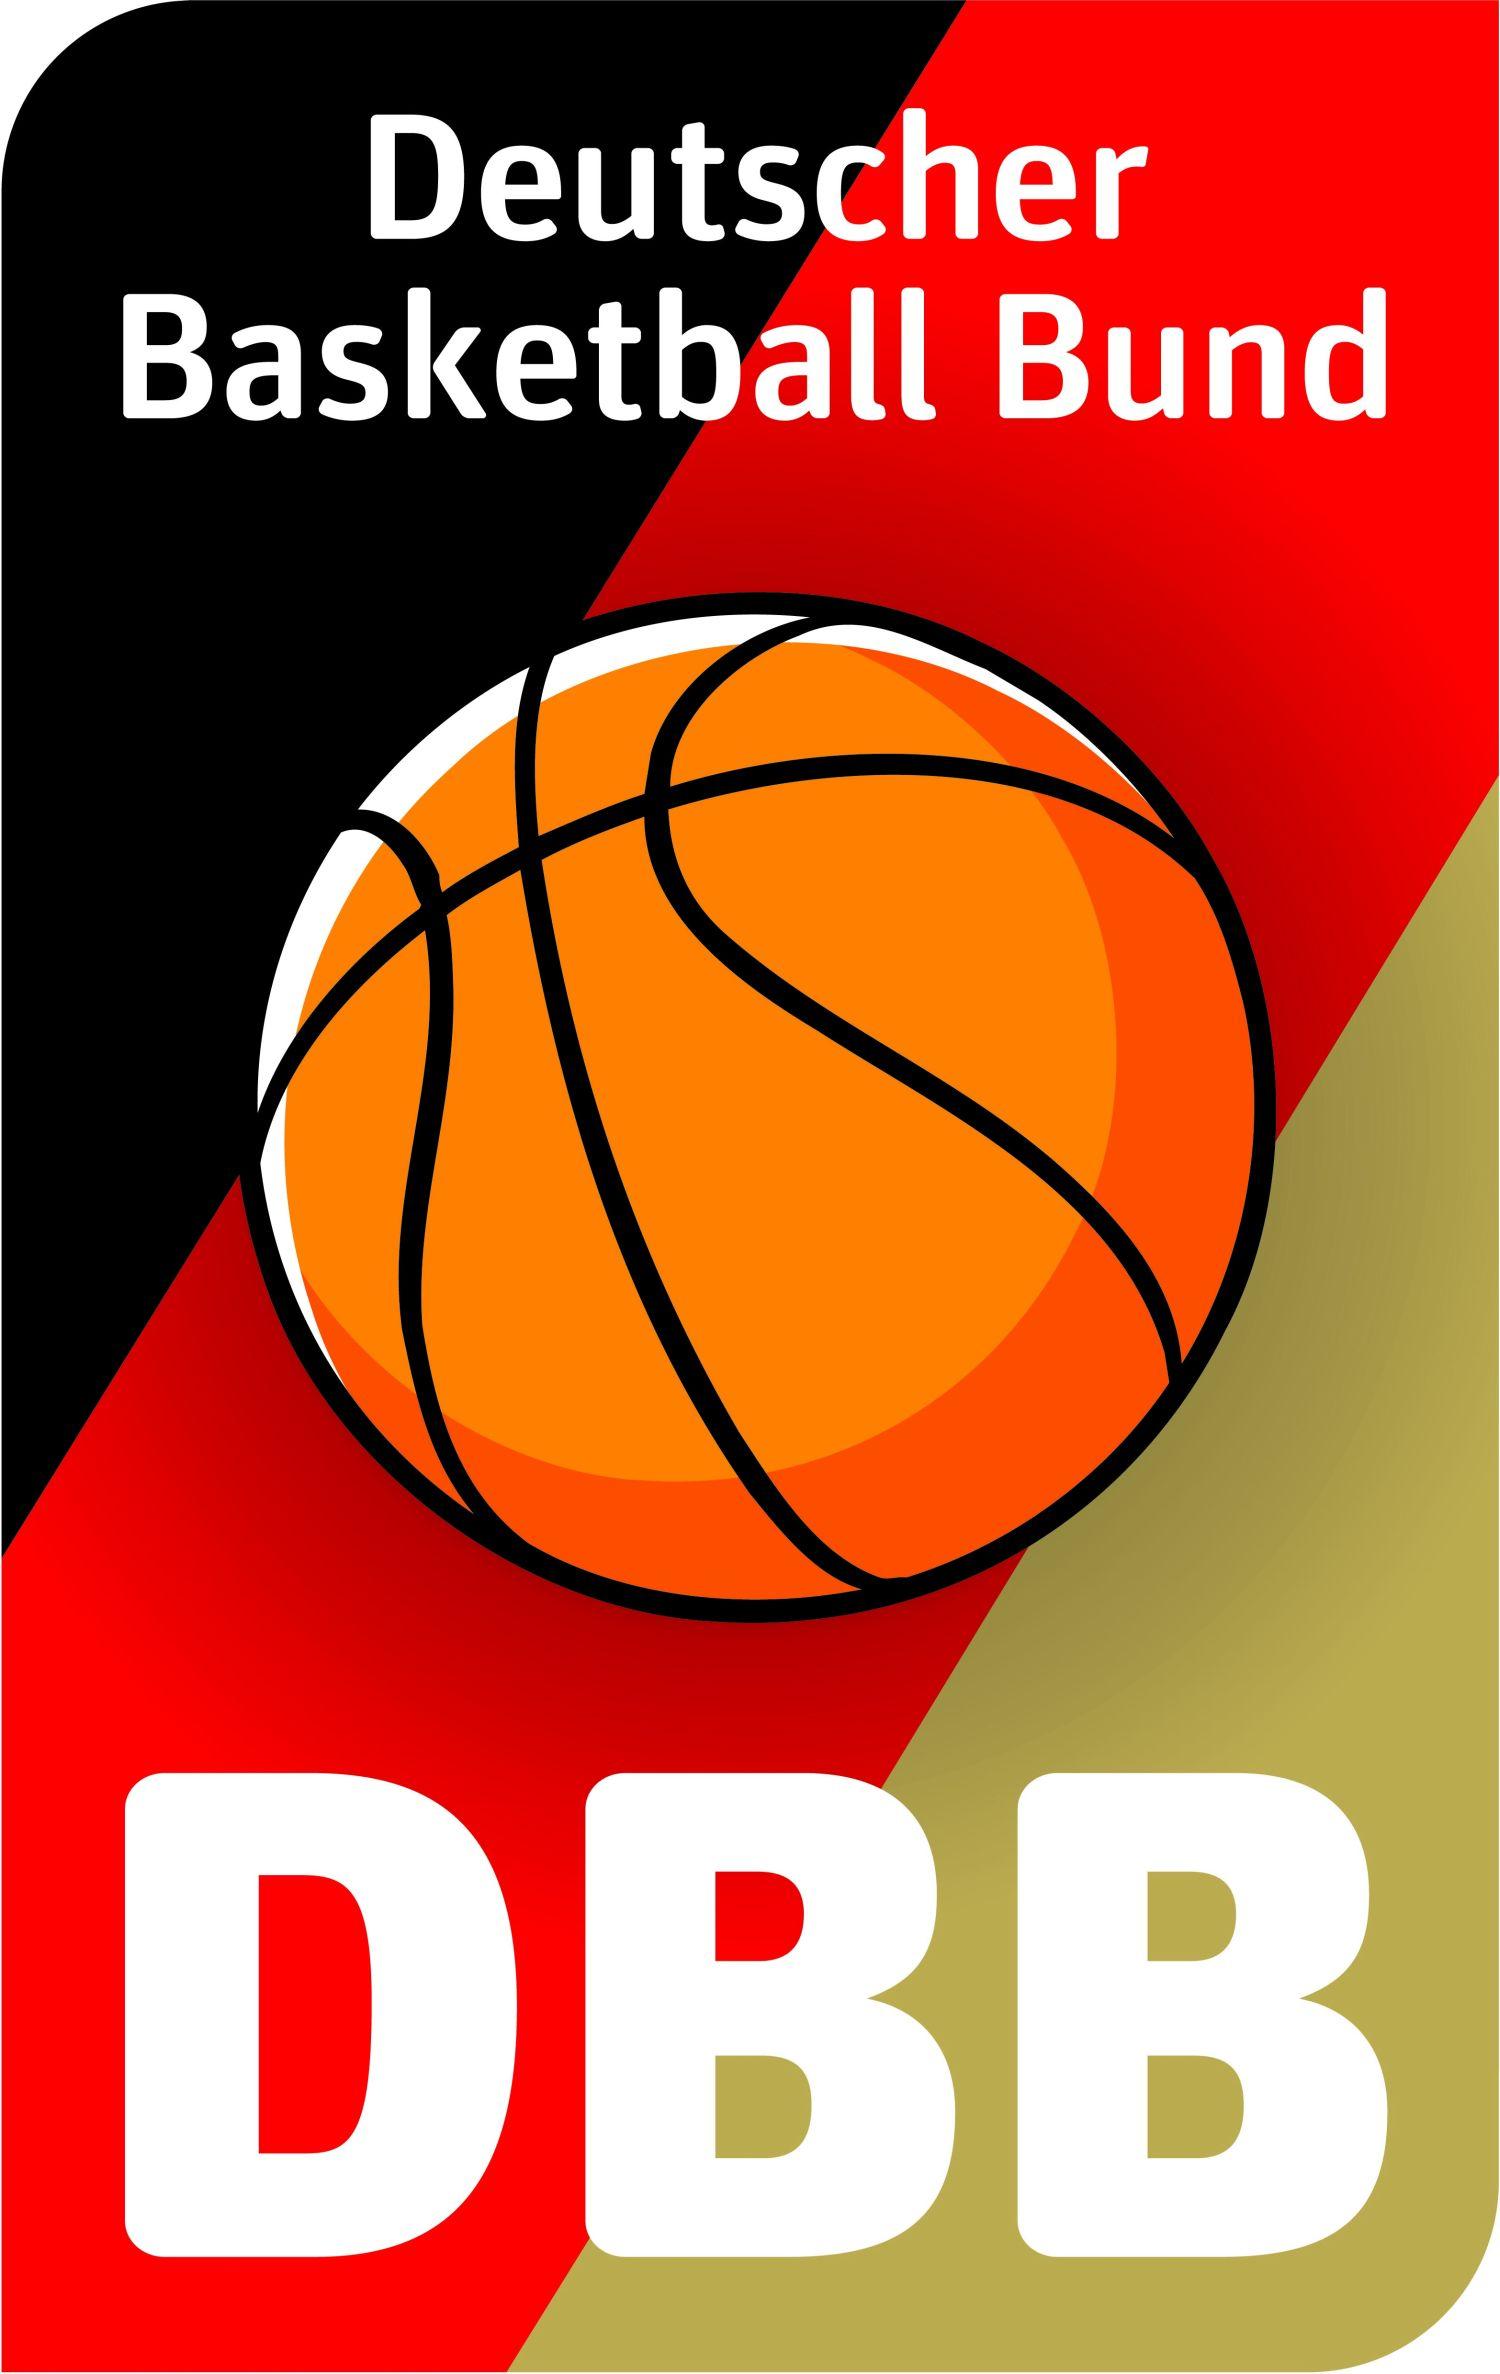 Gastgeber WBV: DBB Bundestag in Essen